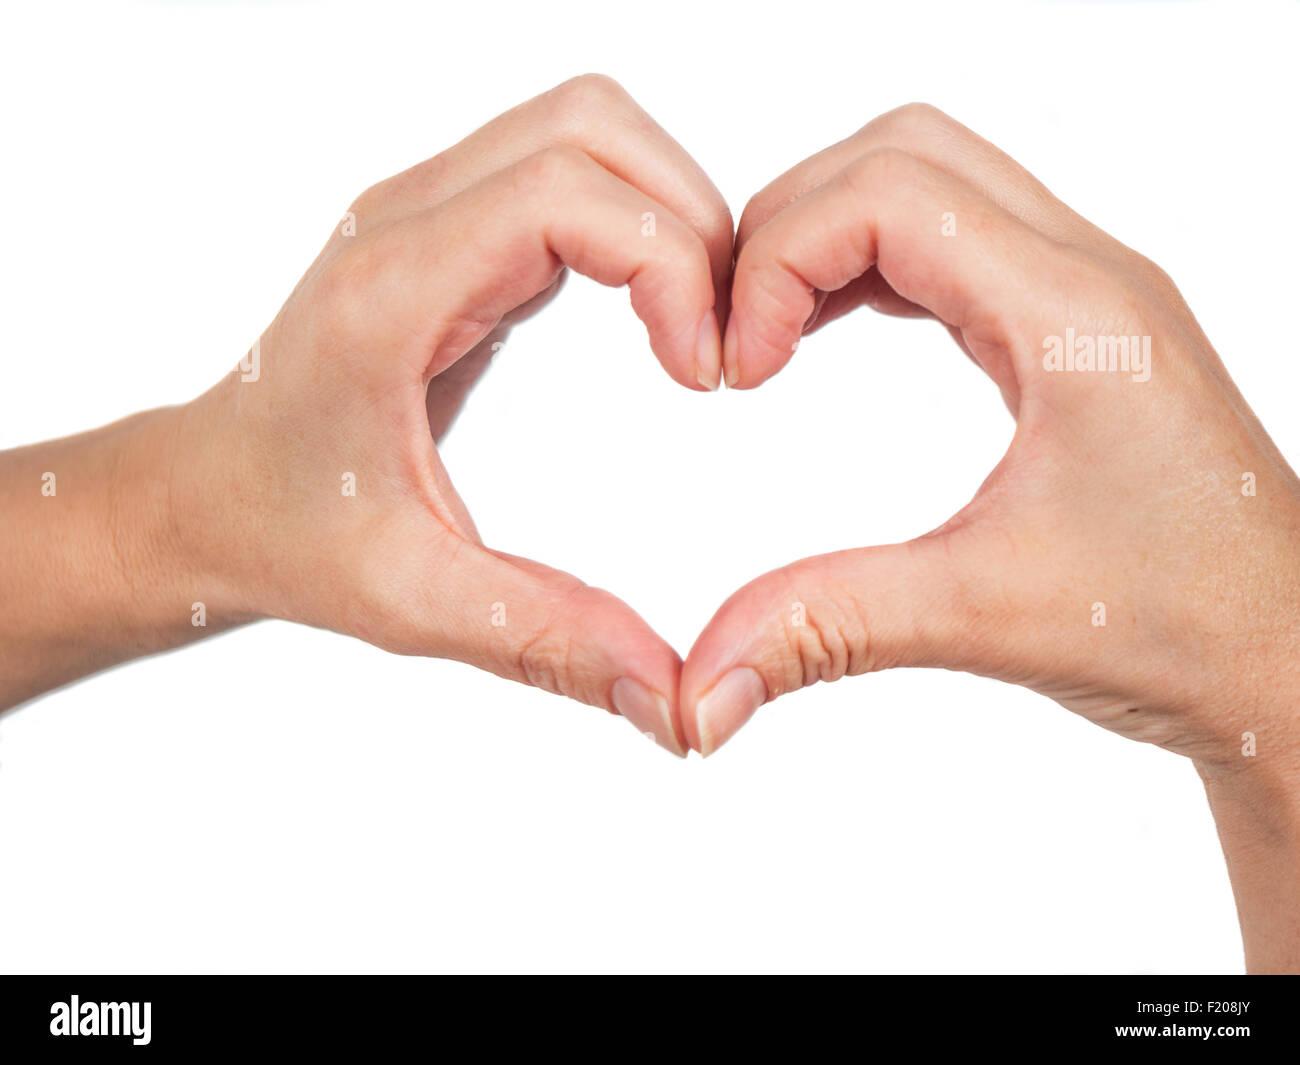 Hände formen ein Herz - Stock Image